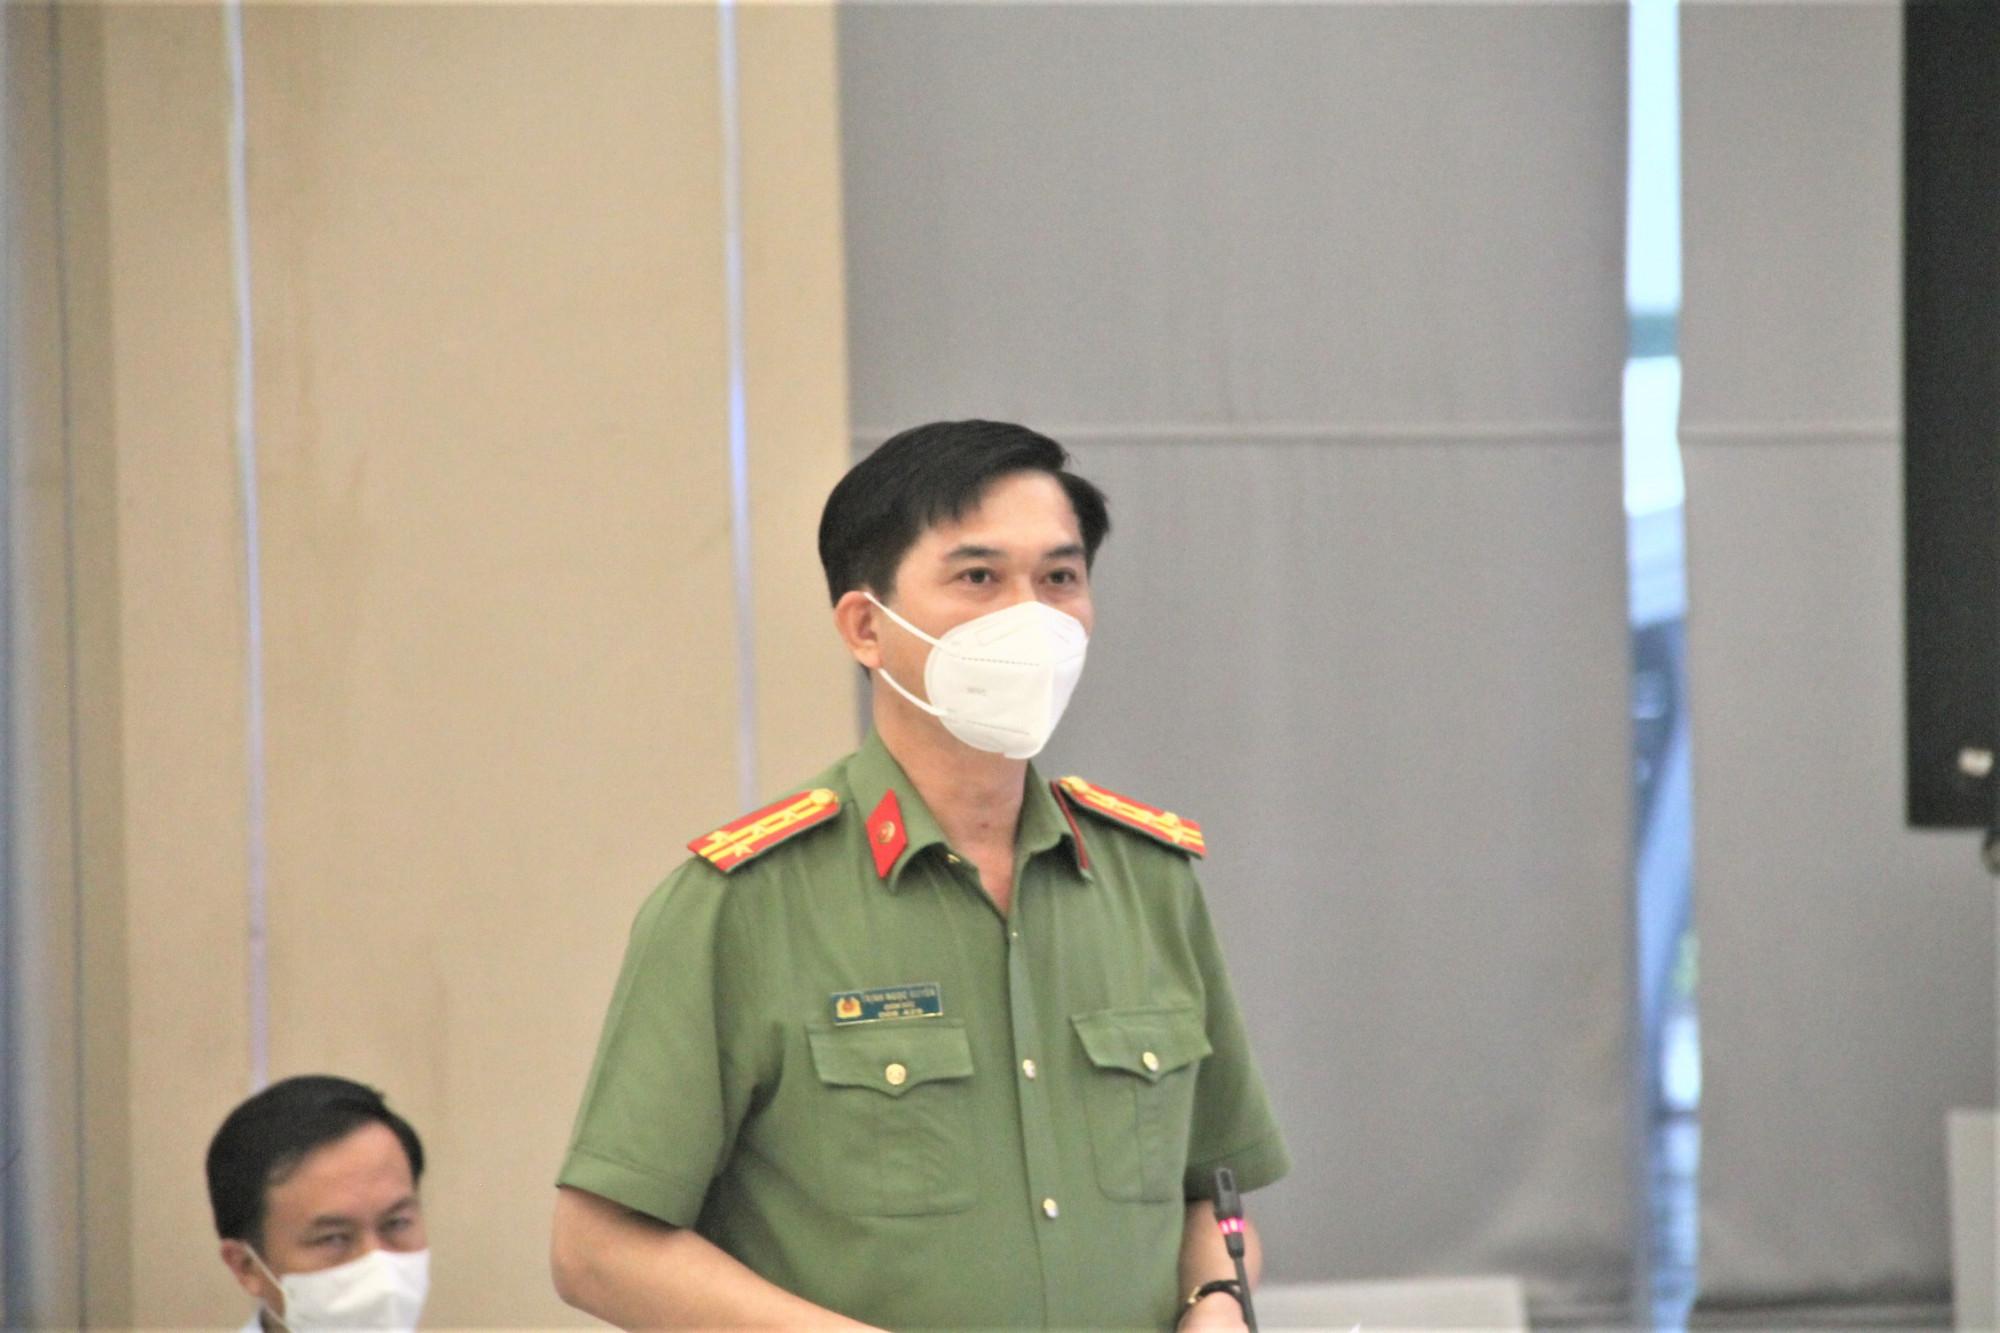 Đại tá Trịnh Ngọc Quyên - Giám đốc công an tỉnh Bình Dương thông tin về tình hình tội phạm